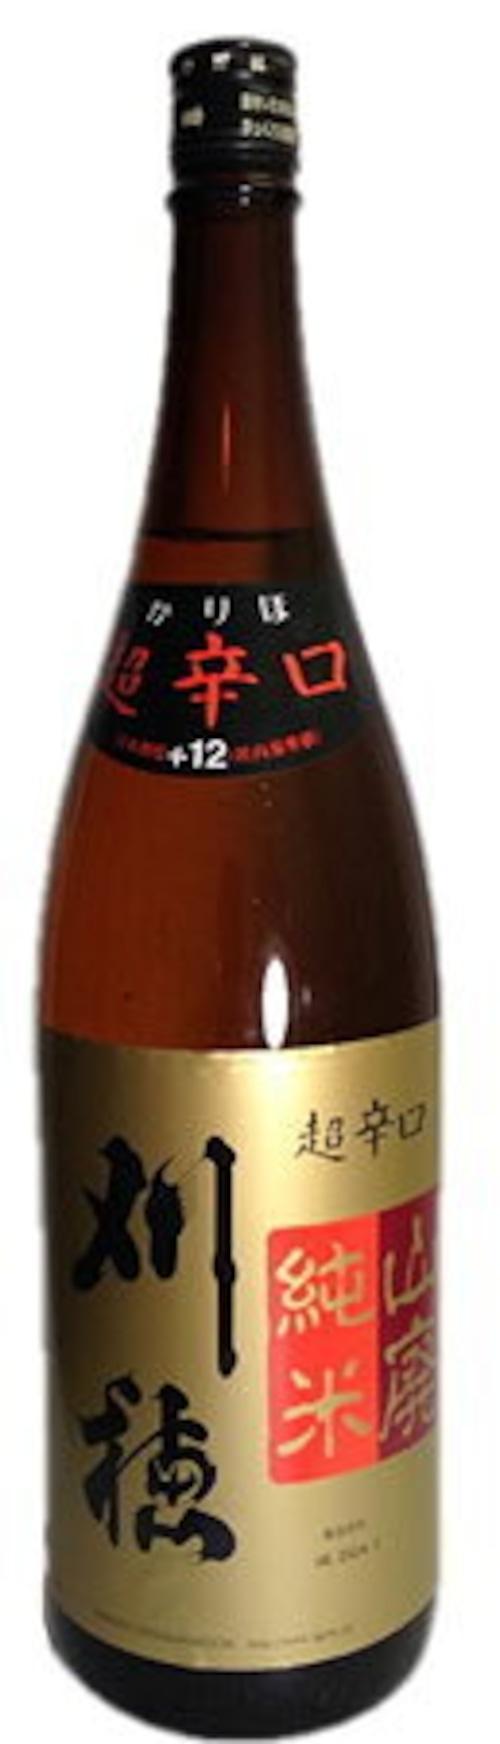 刈穂 山廃純米 超辛口 1800ml